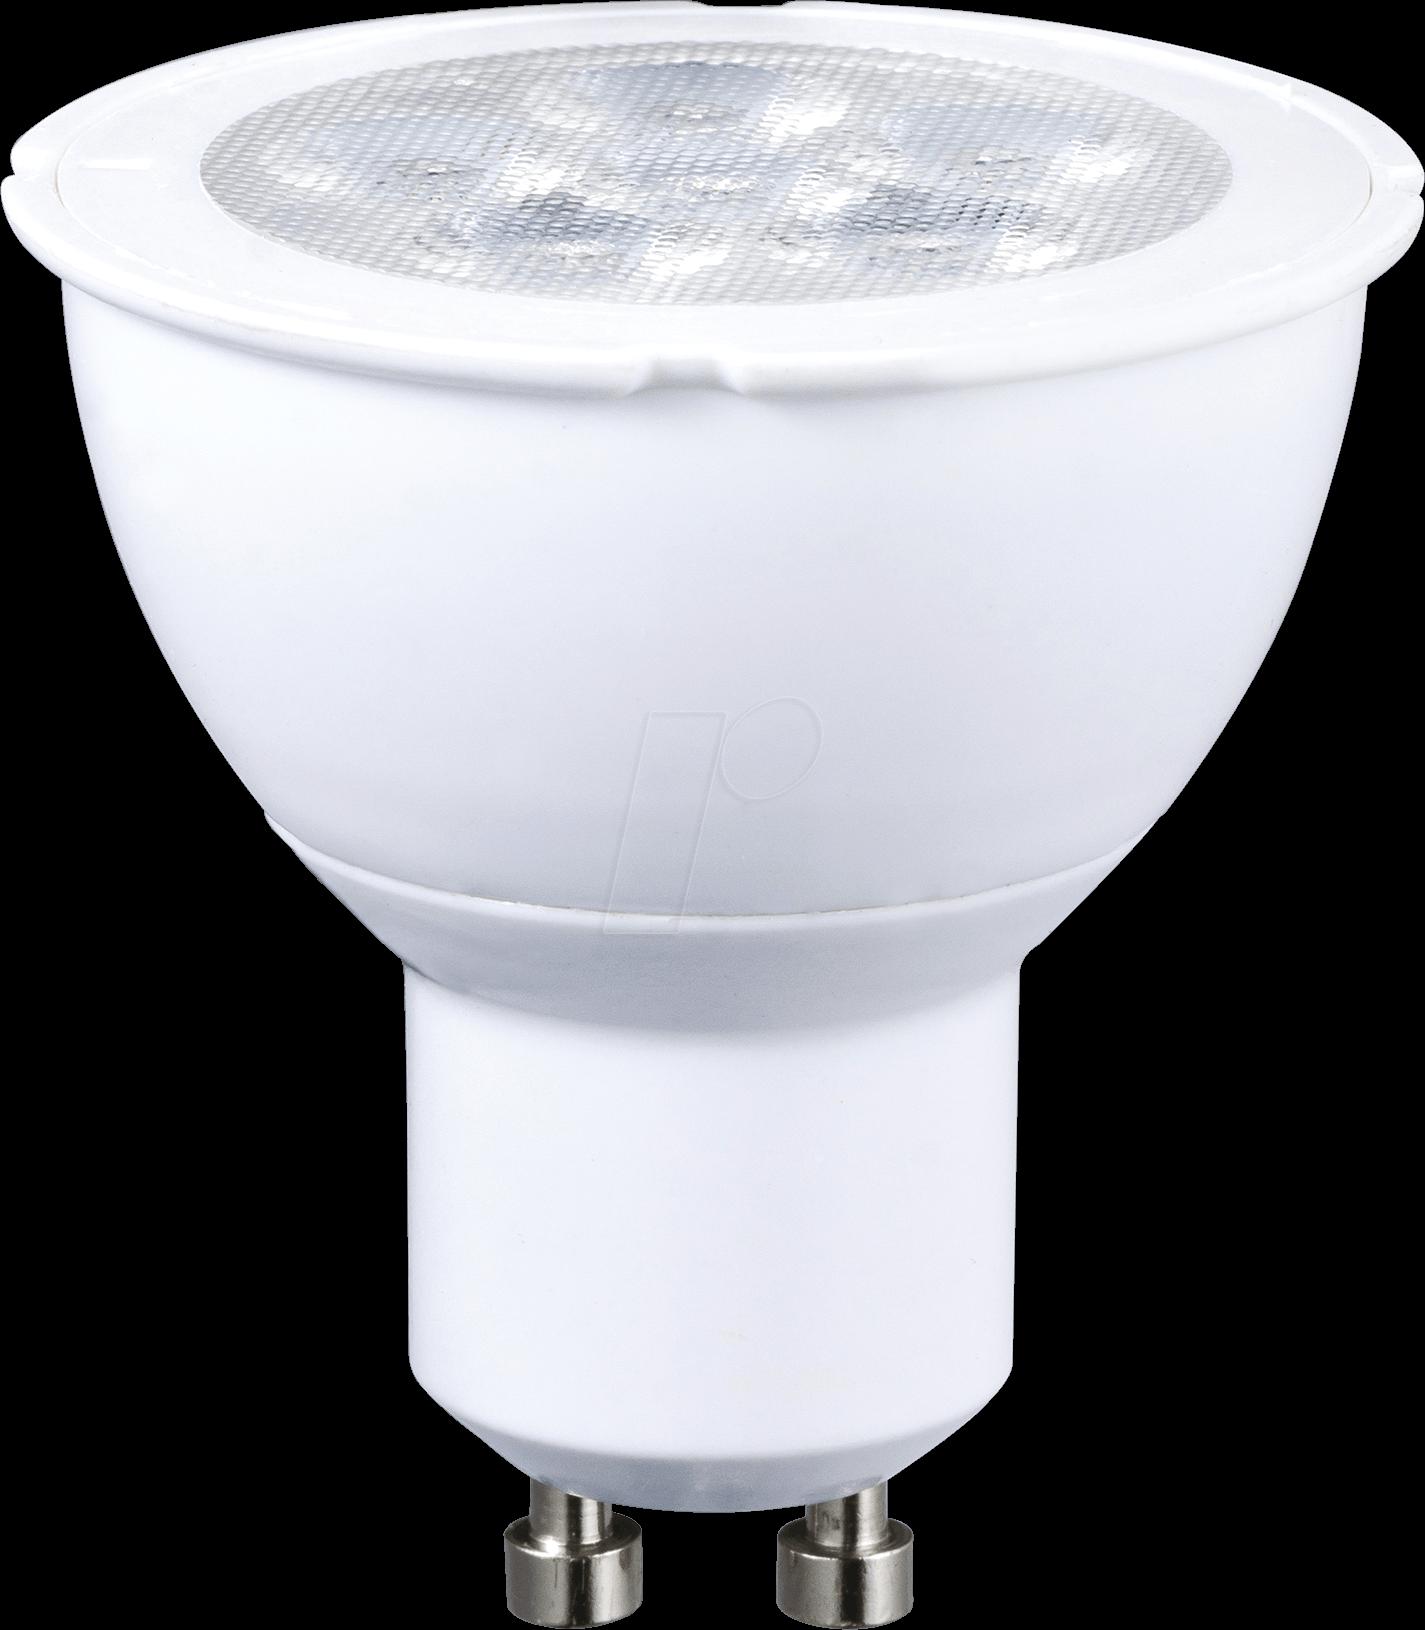 LGU10MR16002 - LED-Strahler GU10, 4 W, 250 lm, 2700 K